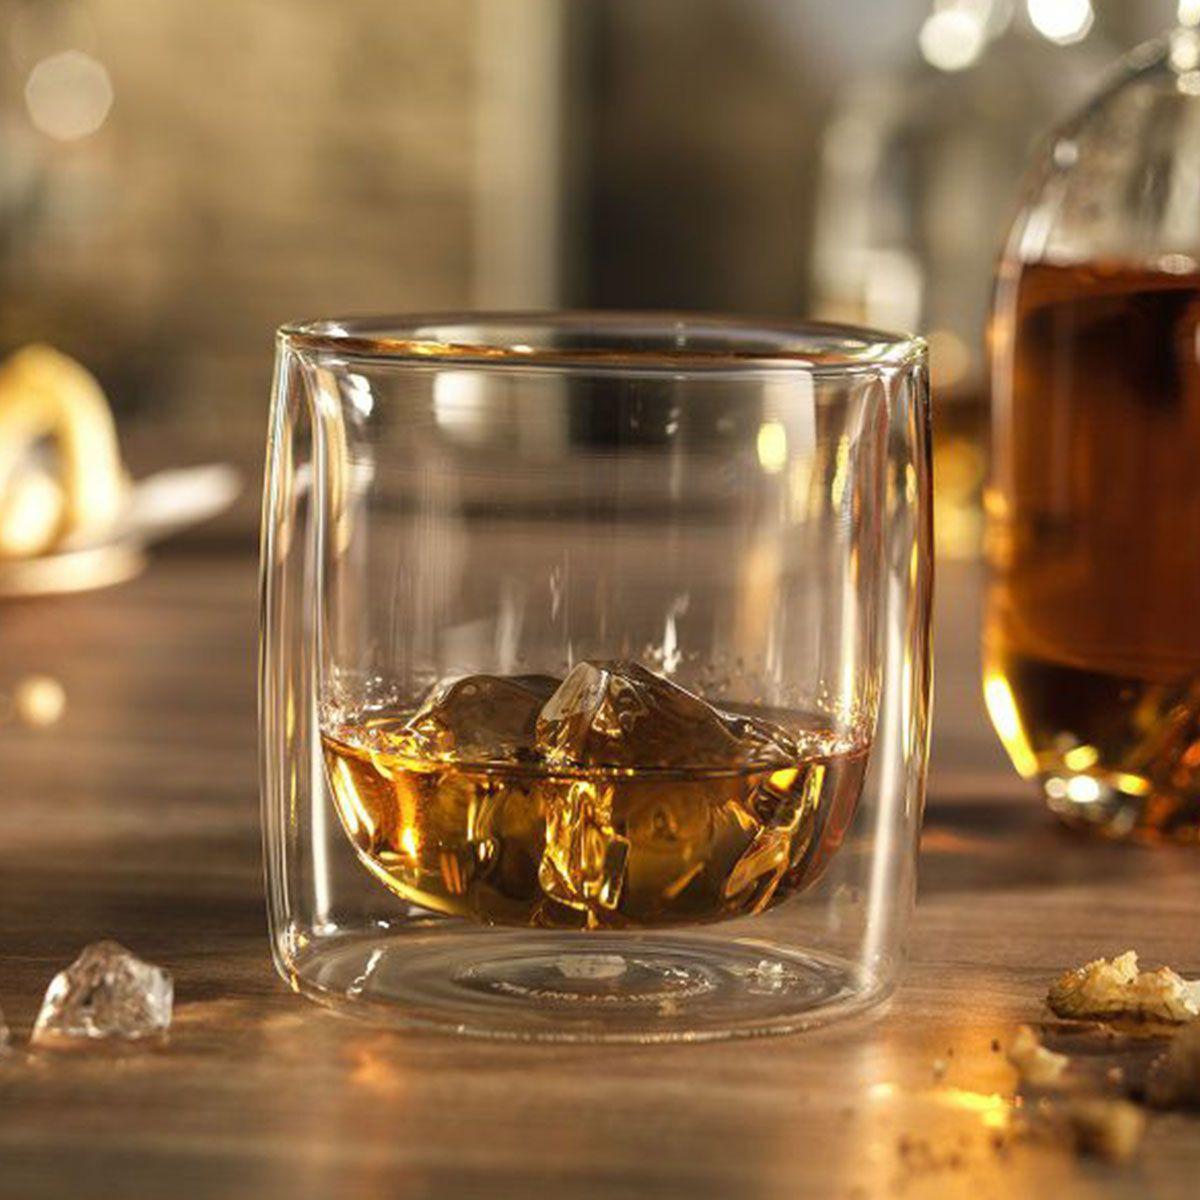 Resultado de imagem para zwilling sorrento whisky